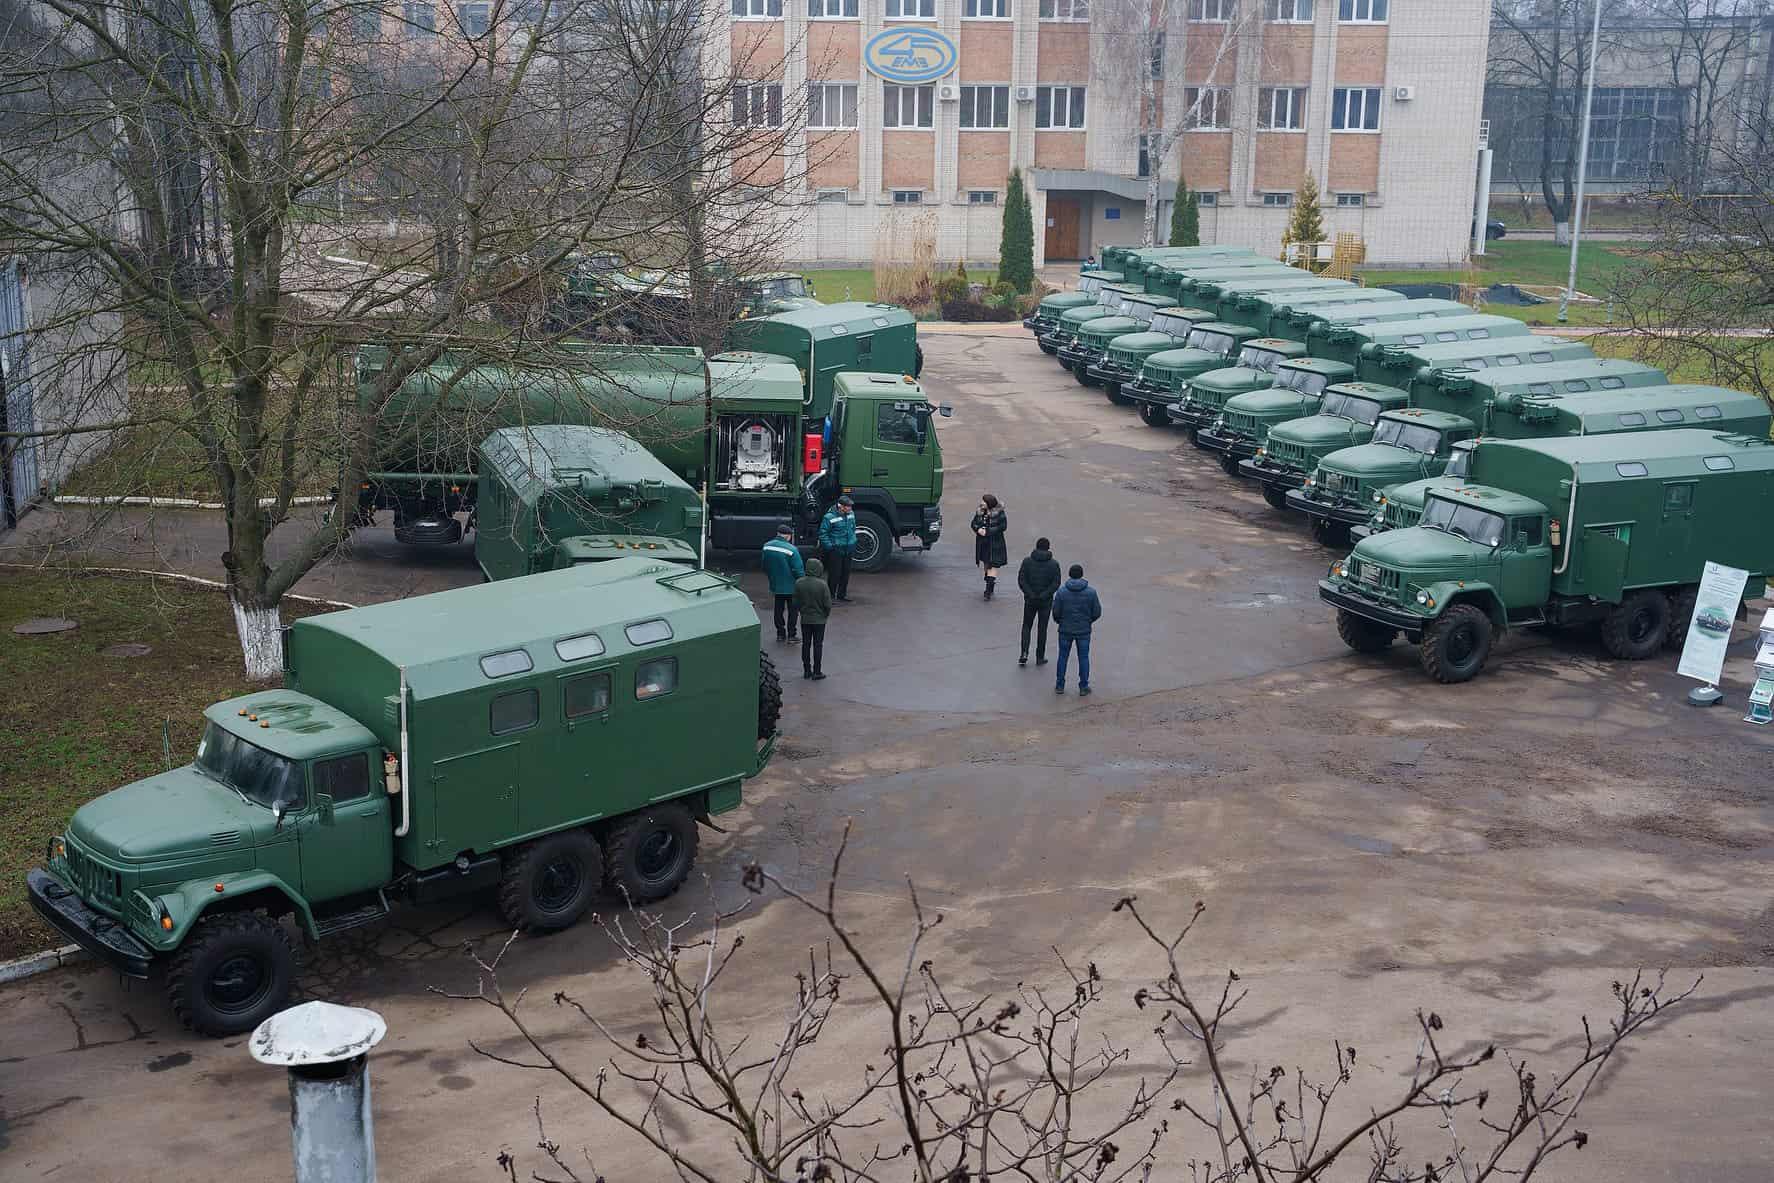 Модернізовані танкоремонтні майстерні ТРМ-80 серед іншої продукції 45 експериментального механічного заводу